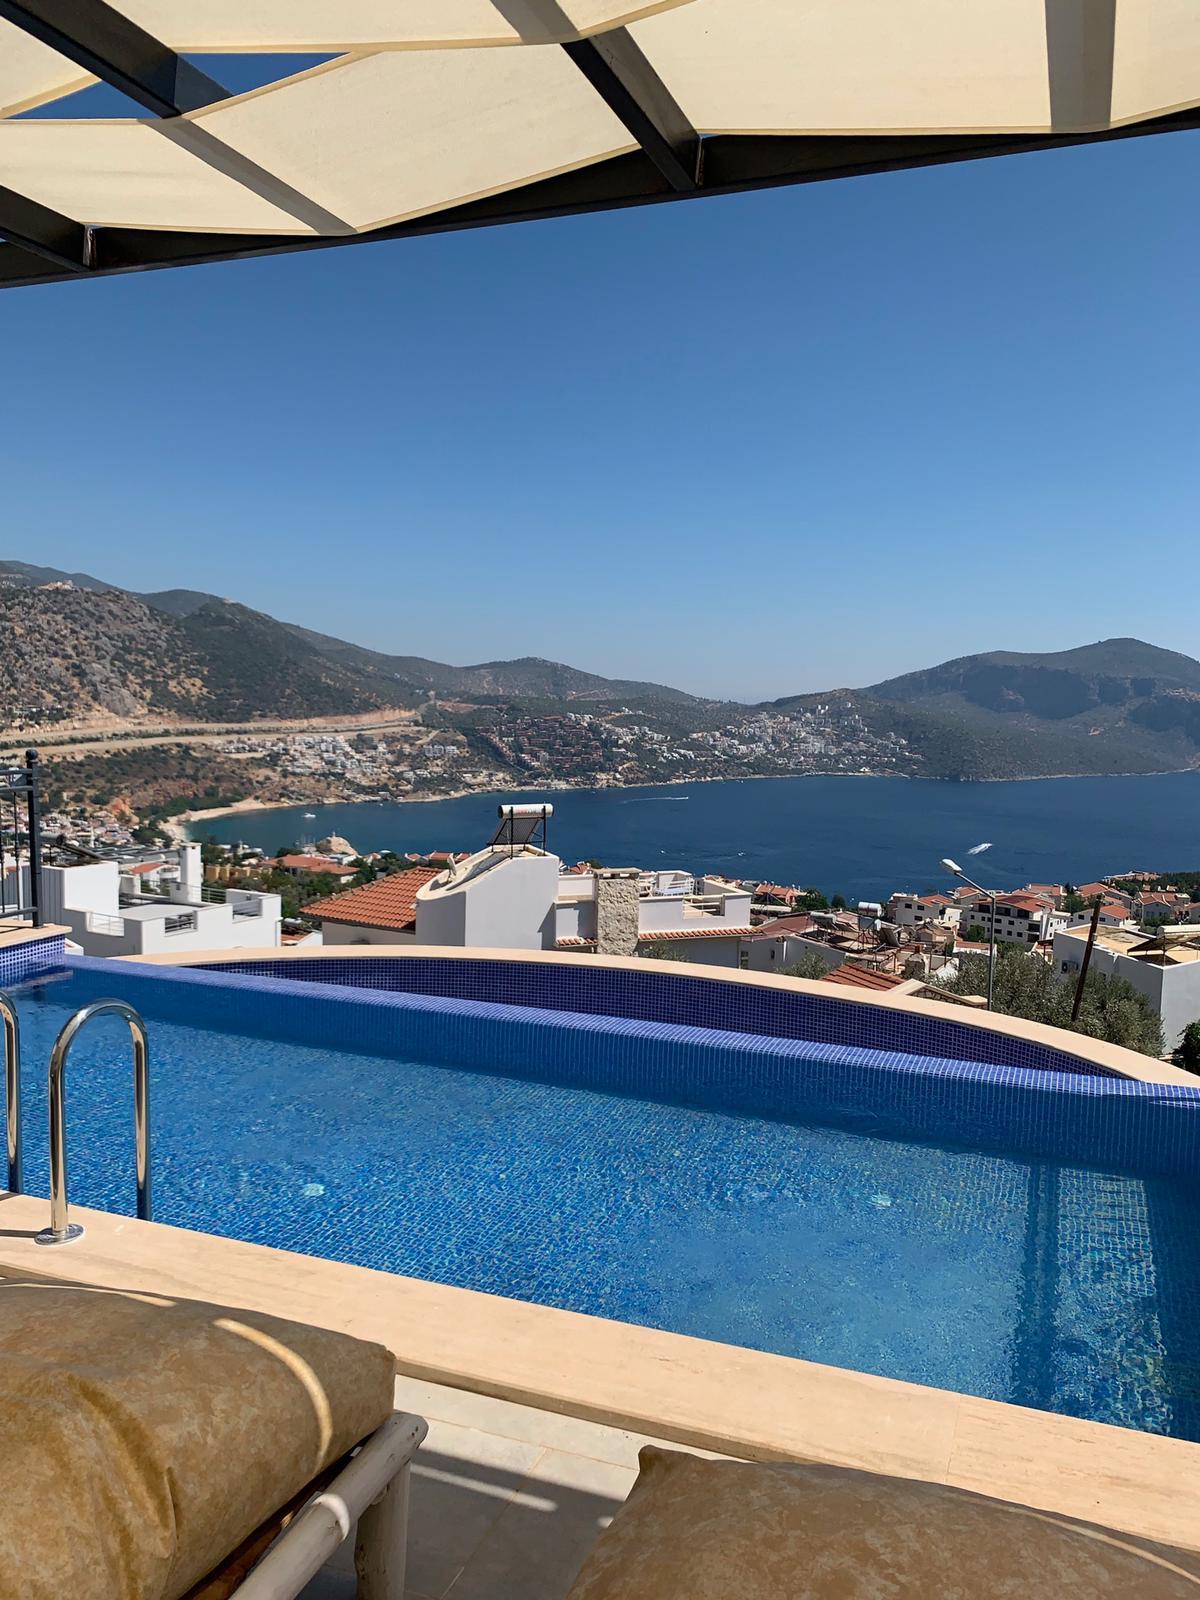 V840 pool view